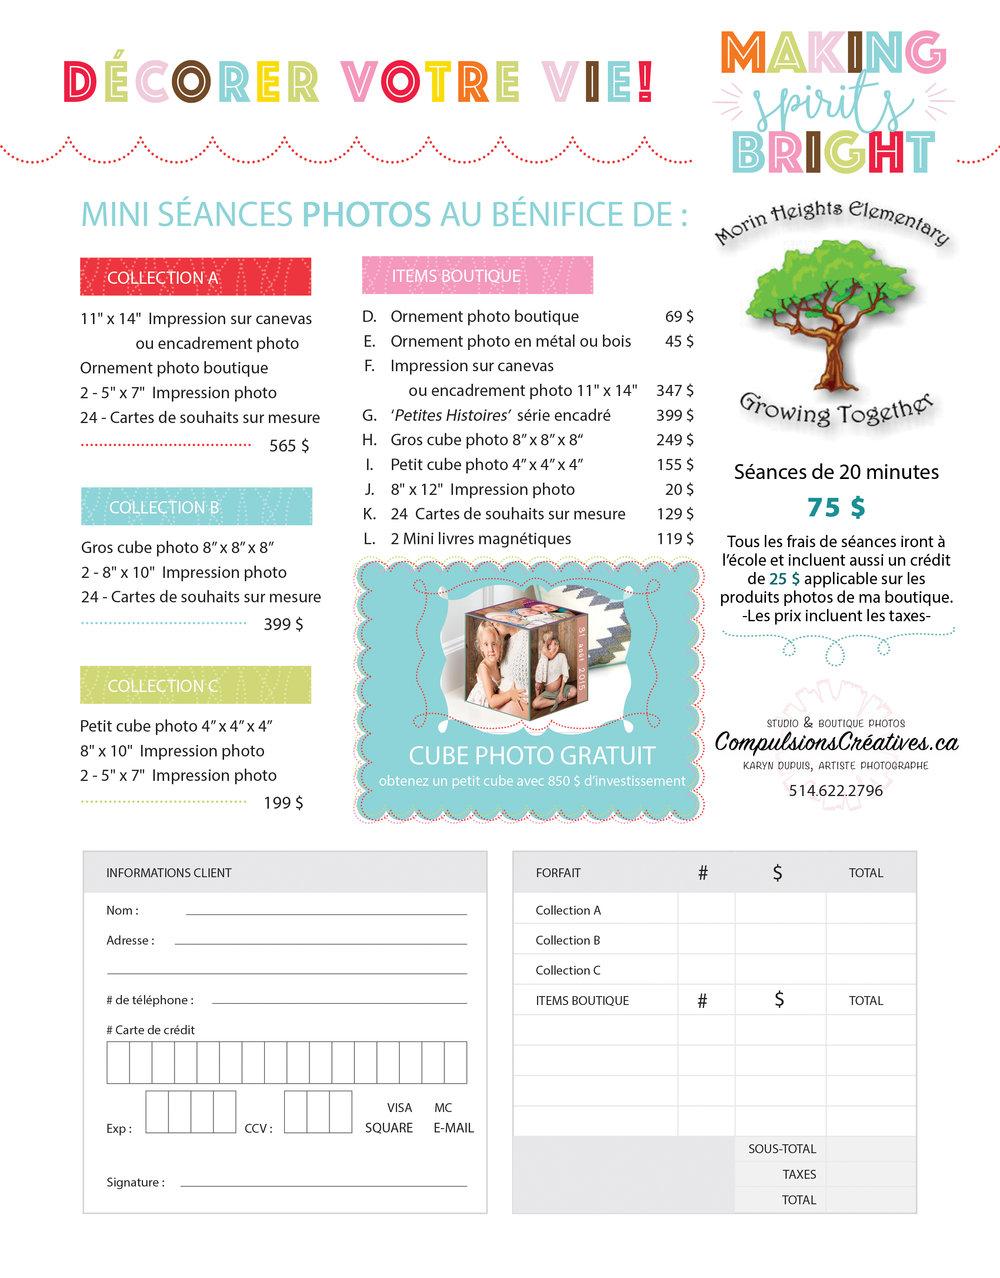 Collections du temps des fêtes - Des collections pour vos cadeaux et des oeuvres d'art à la carte !Obtenez vos cartes de voeux, des ornements et des moments mémoire ici !